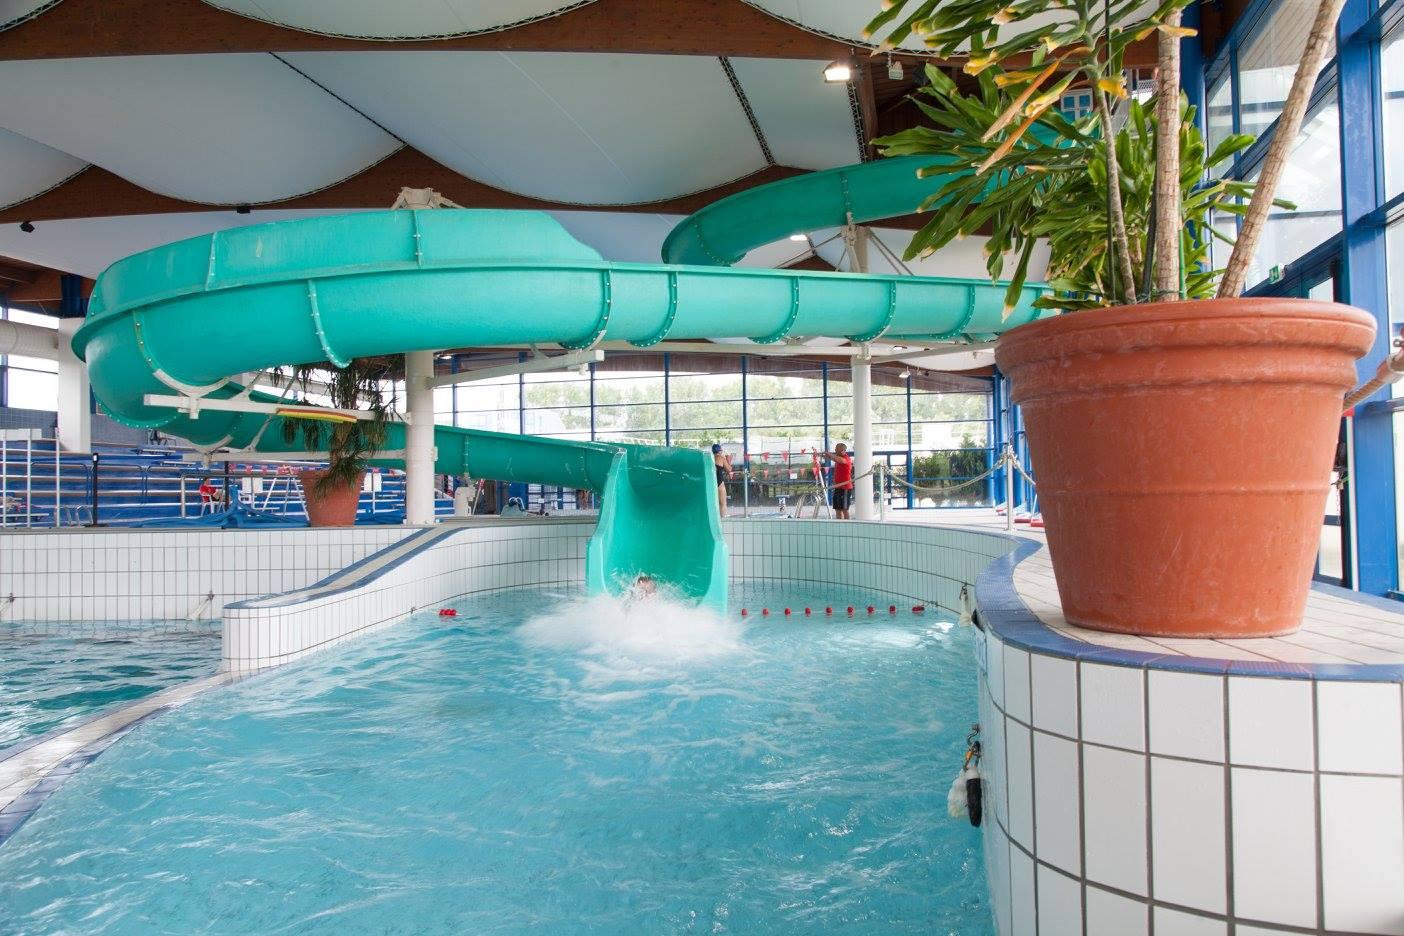 Piscine pontault combault - Pontault combault piscine ...